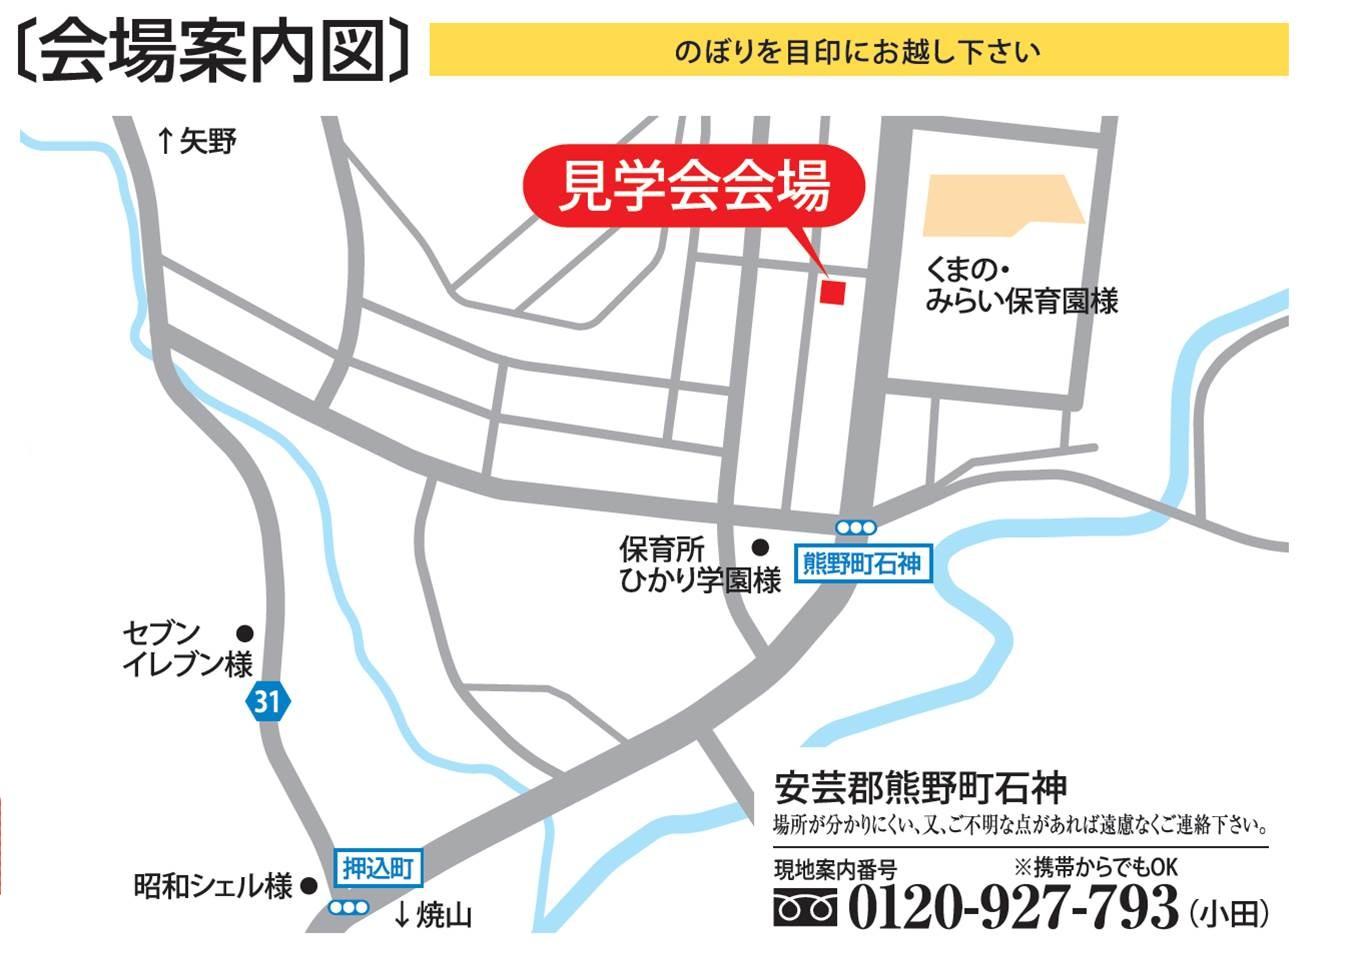 小田原ハウジング完成見学会地図